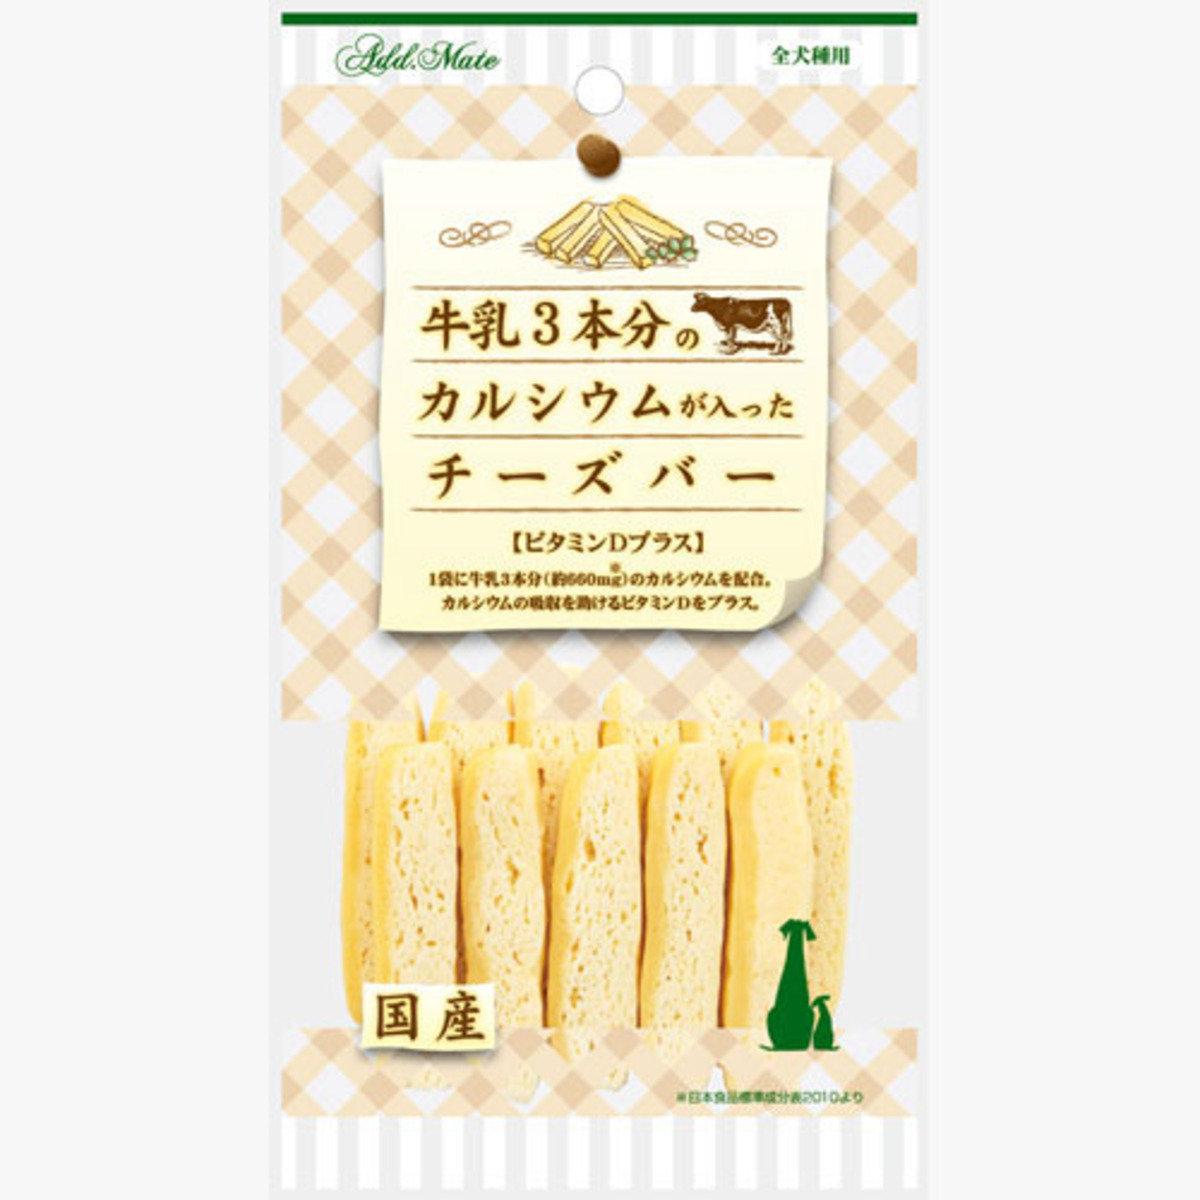 狗小食高鈣牛奶芝士棒(A12249)